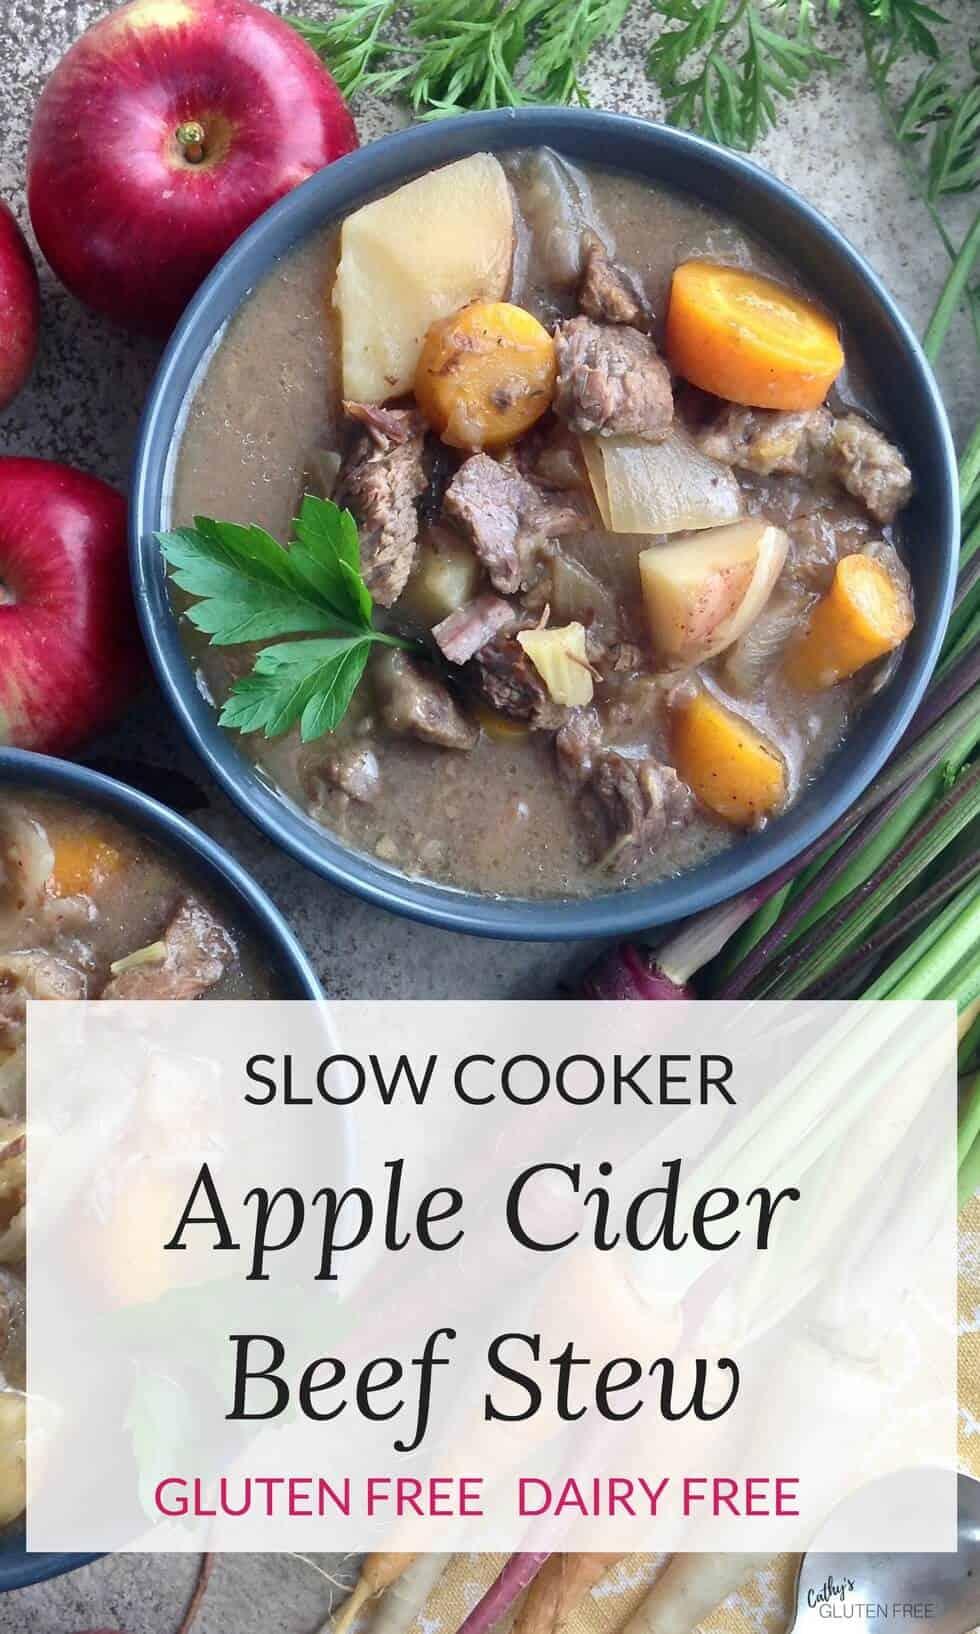 Slow Cooker Apple Cider Beef Stew [Gluten Free]